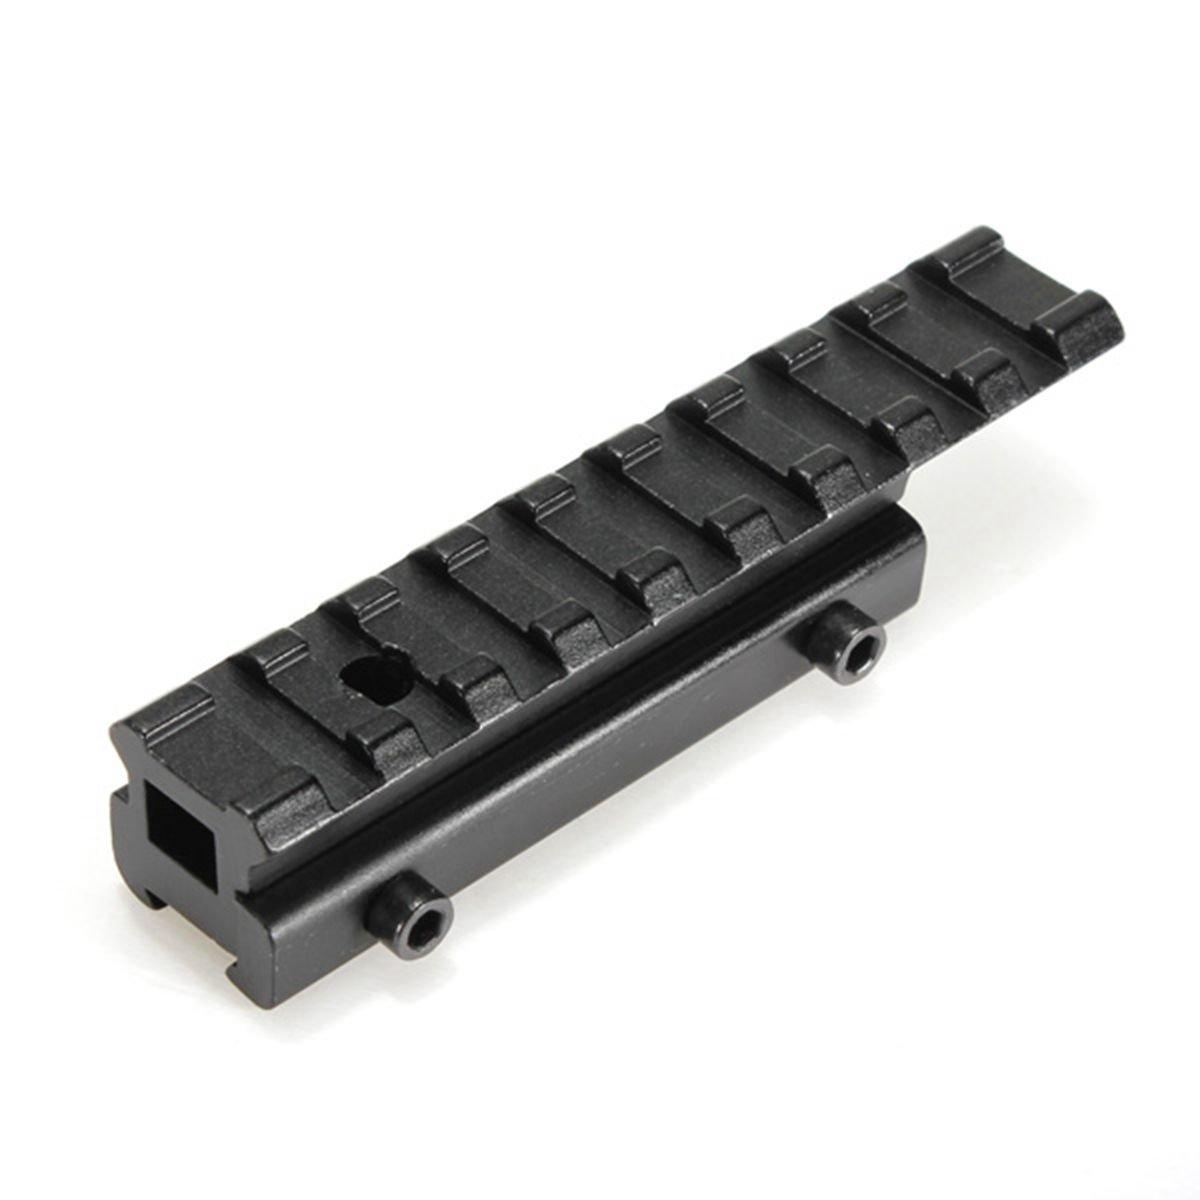 Adaptador de carril - SODIAL(R)adaptador en riel de Picatinny del tejedor de extension 11 mm a 20 mm de alcance tactico Negro